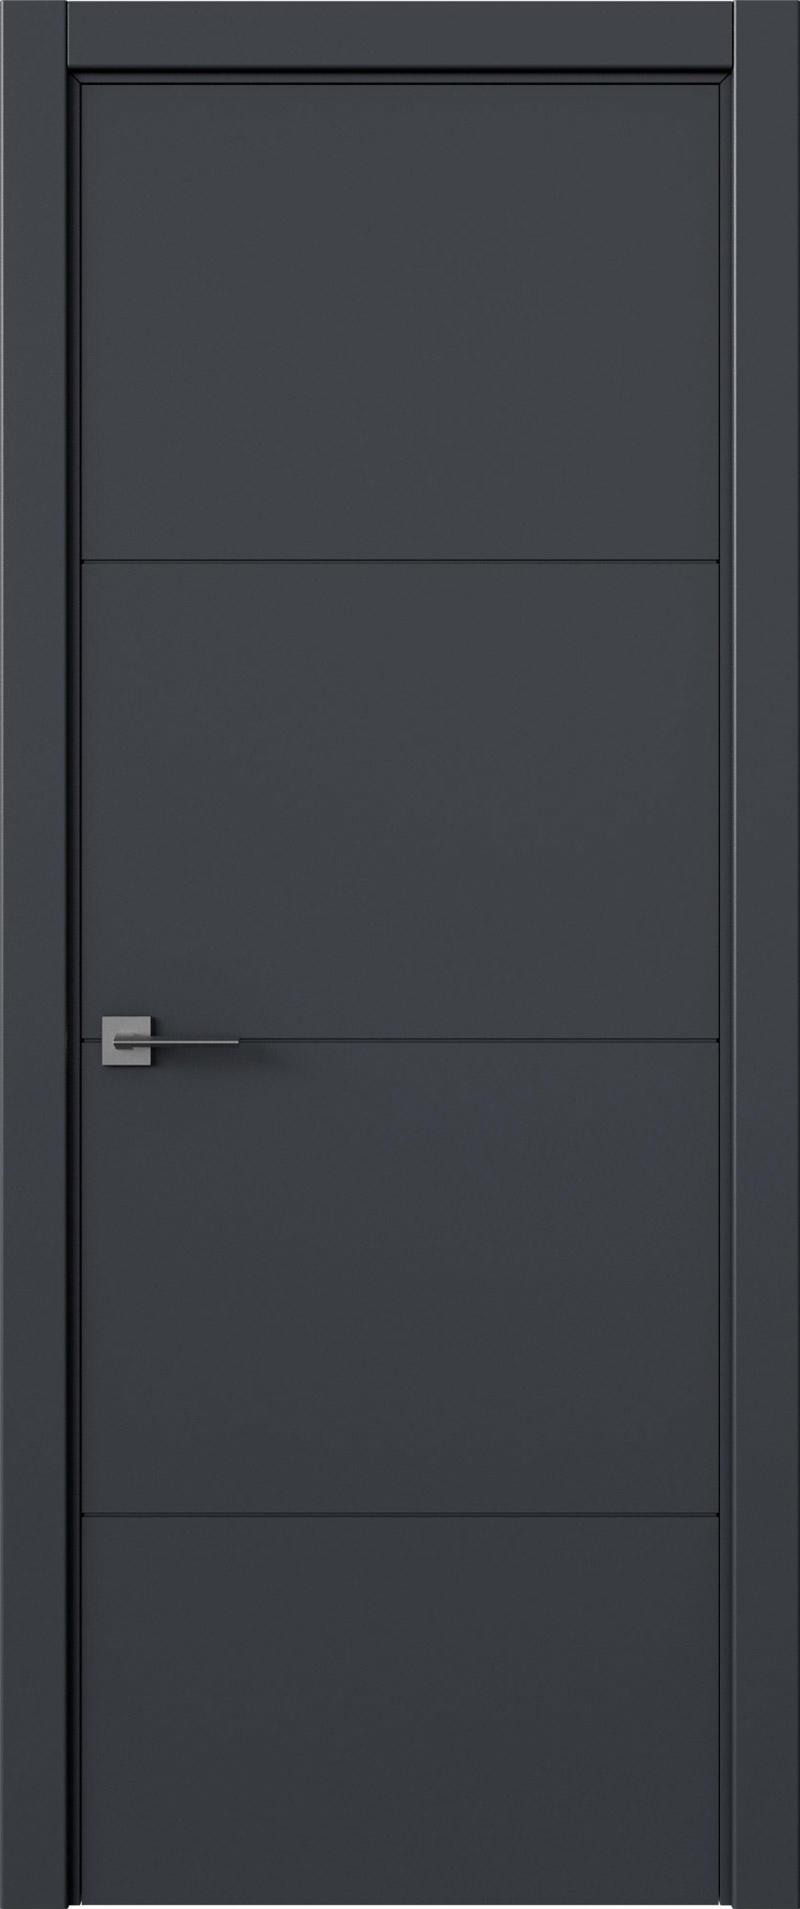 Tivoli Г-2 цвет - Графитово-серая эмаль (RAL 7024) Без стекла (ДГ)